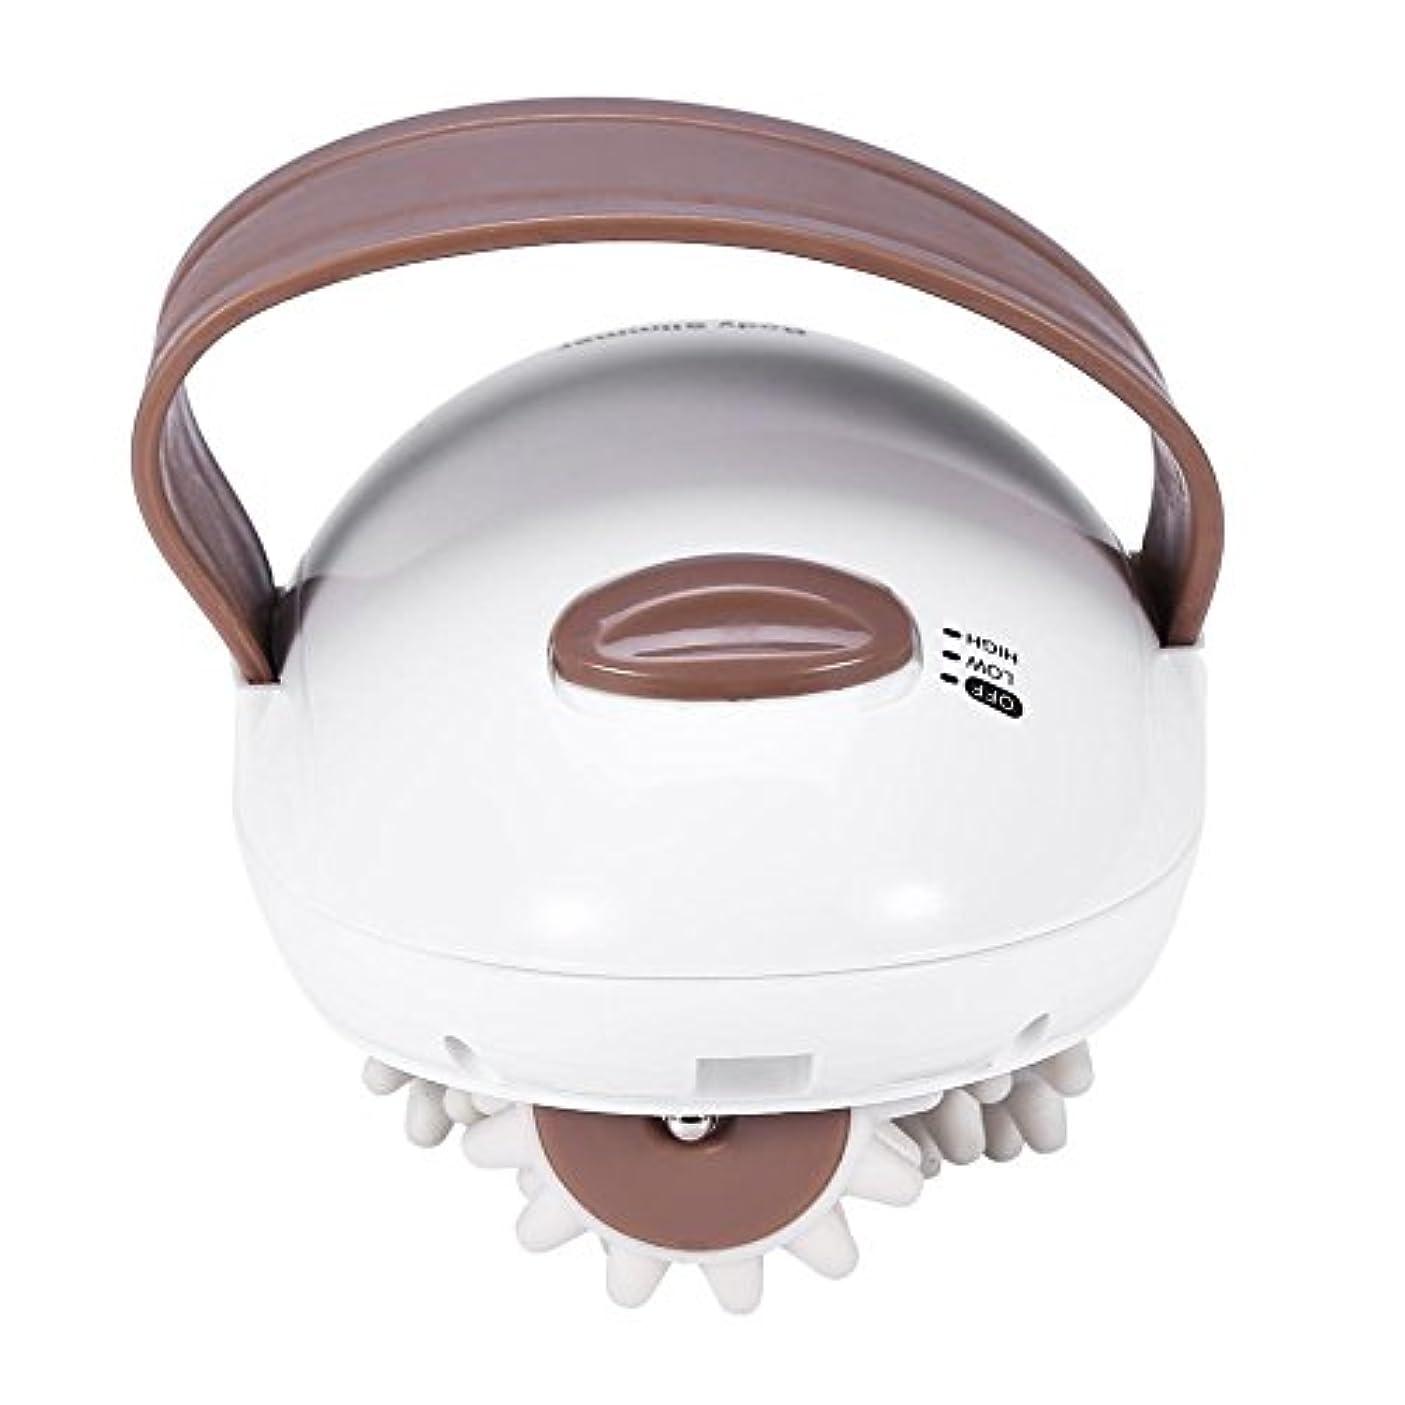 理容室依存するマイク3D電動マッサージ完全リラクゼーションボディマッサージ機器(1)